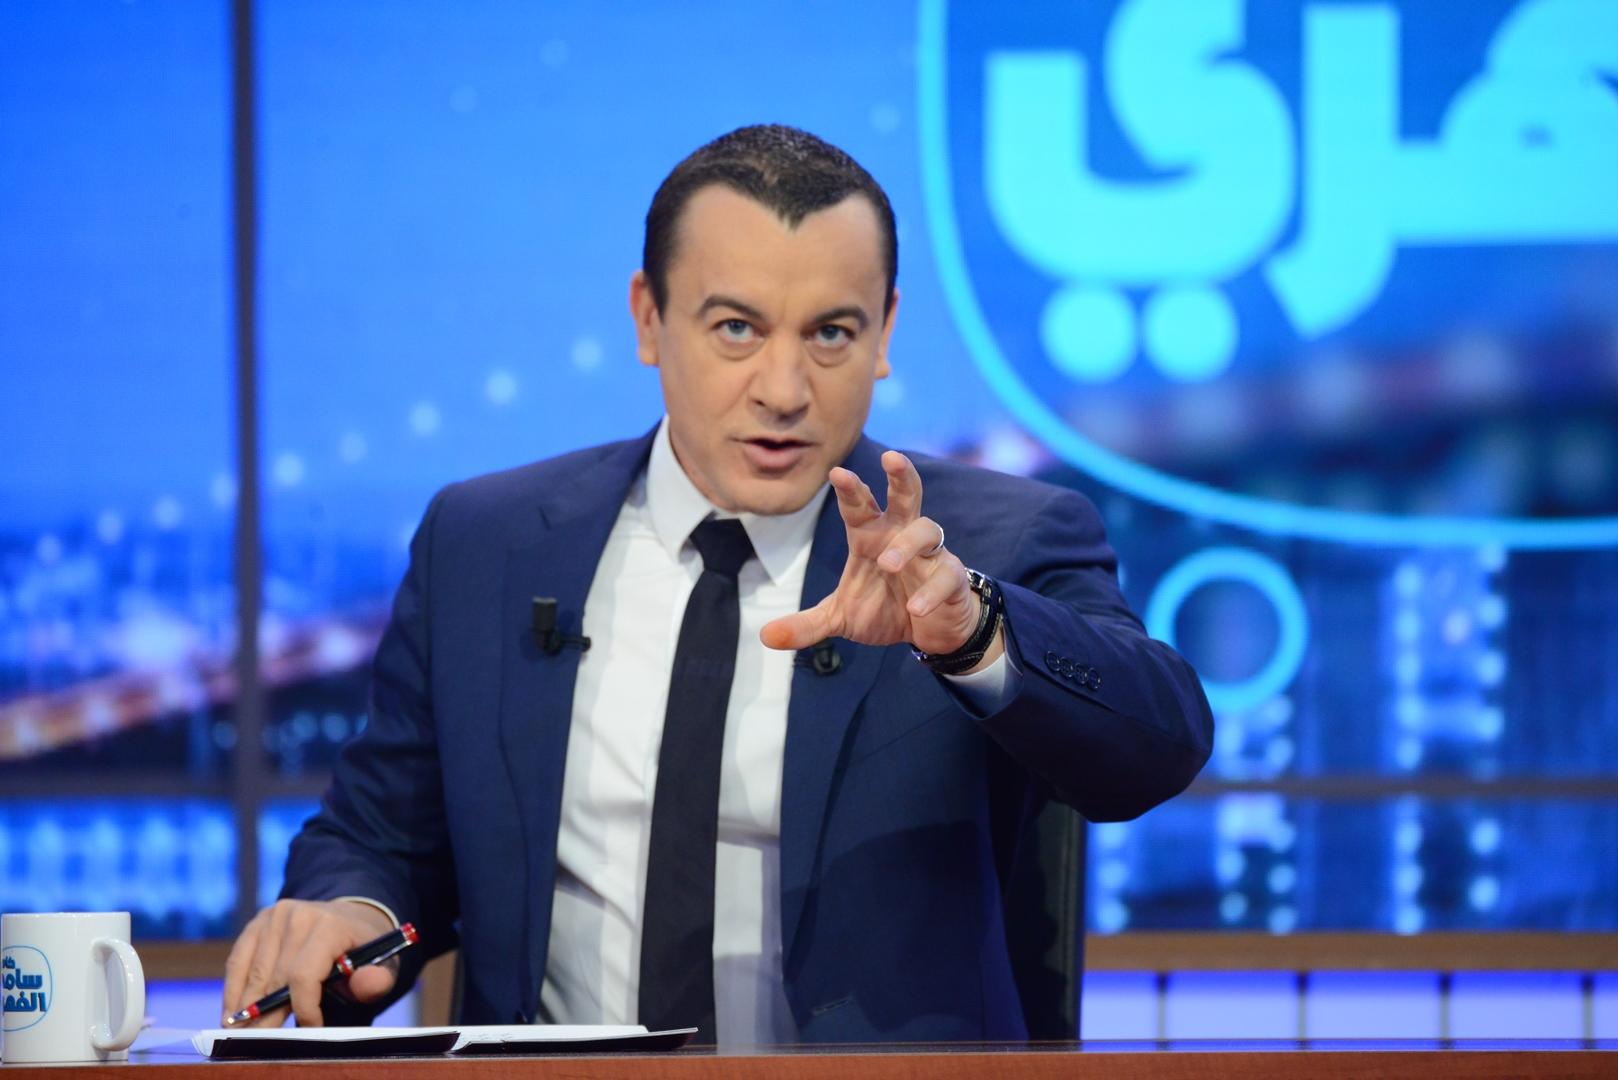 سامي الفهري: سأدافع عن حقّ نبيل القروي في الترشح لأي منصب سياسي